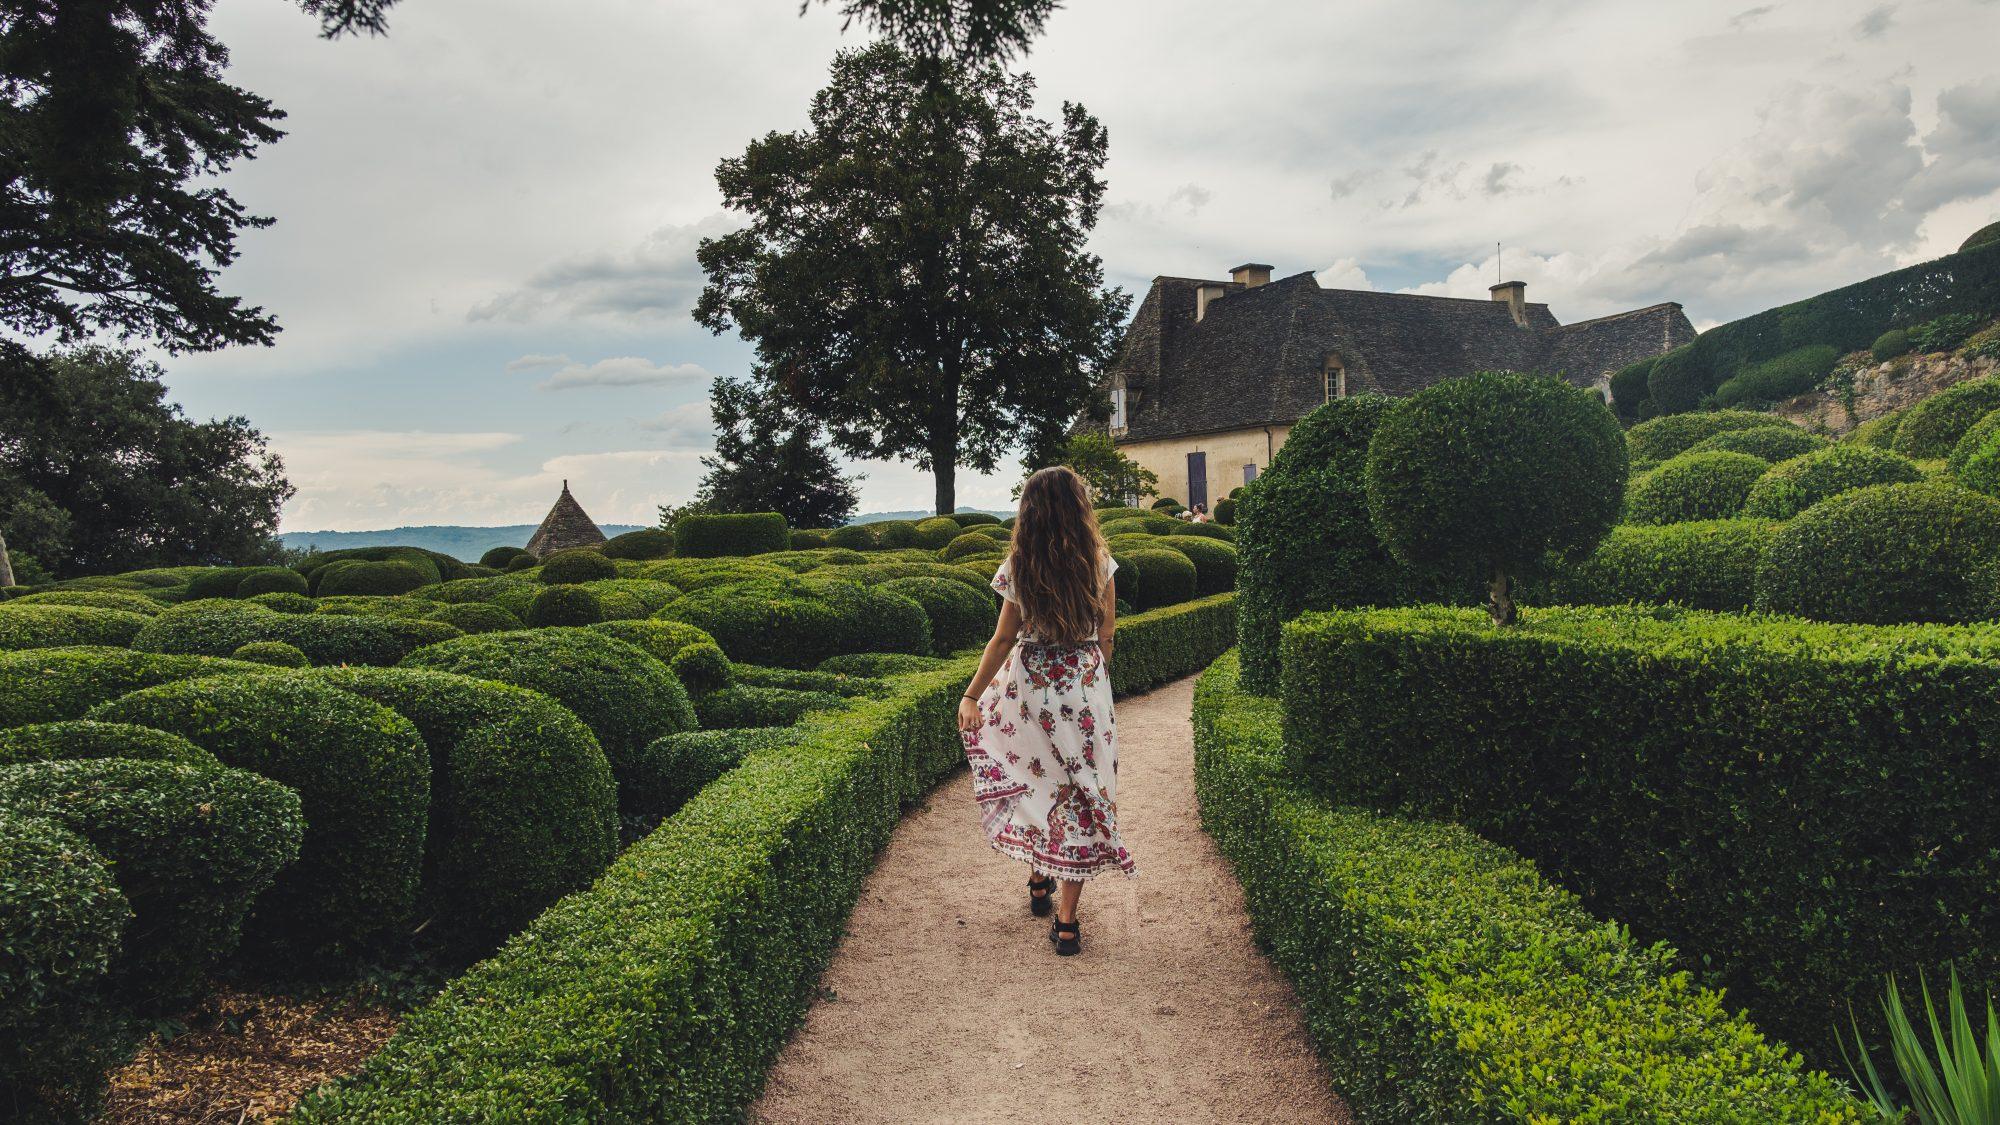 Visiter la Dordogne en 2 jours : notre itinéraire médiéval